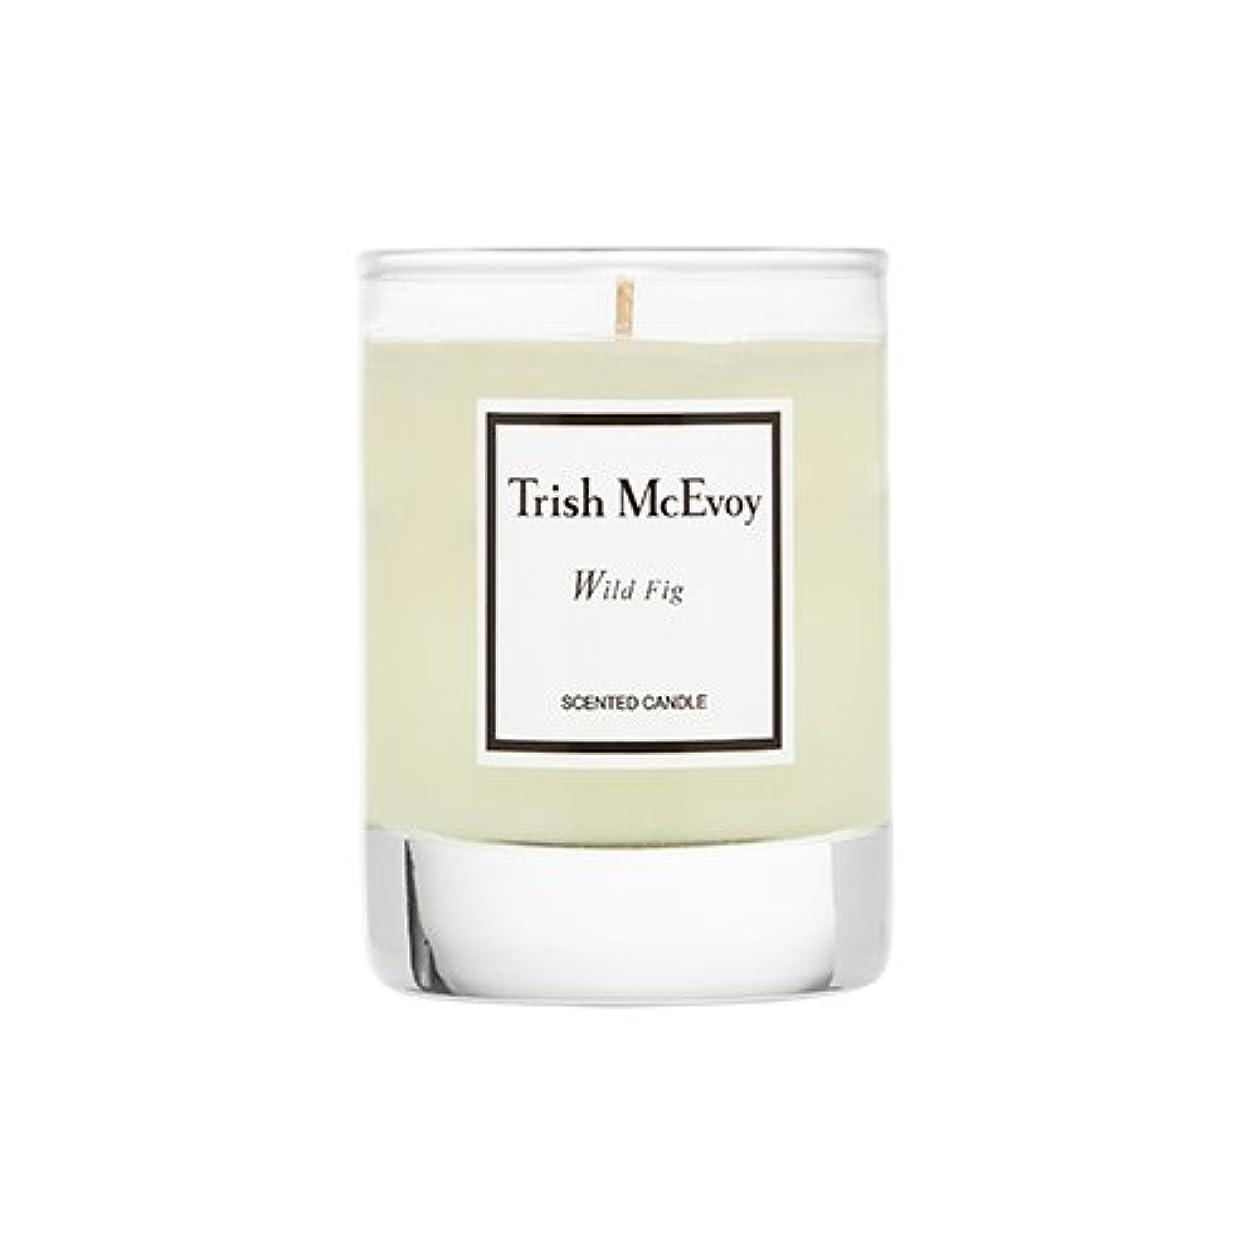 海洋プットスティーブンソンTrish McEvoy Wild Fig Scented Candle Votive 2oz